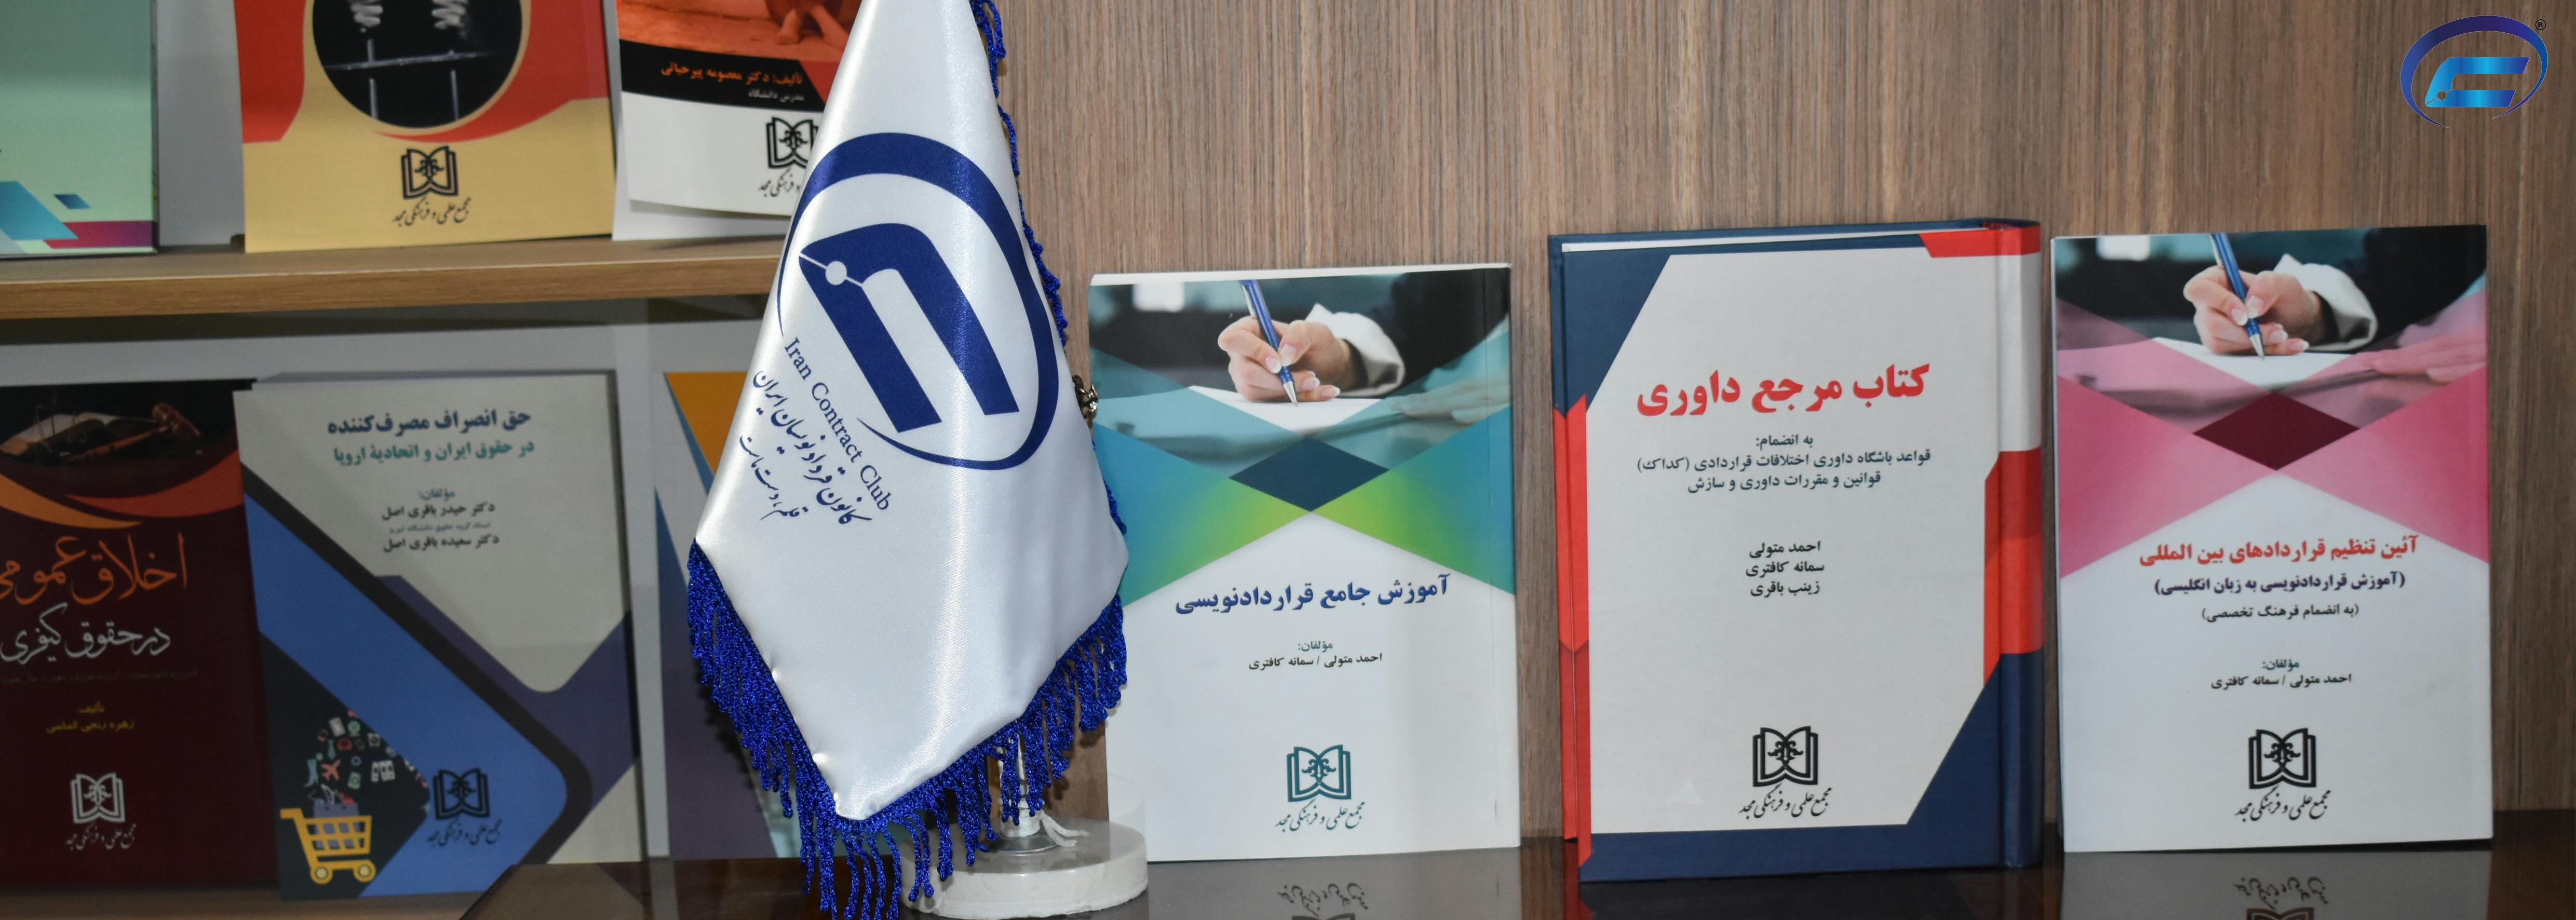 کتب کانون قراردادنویسان ایران